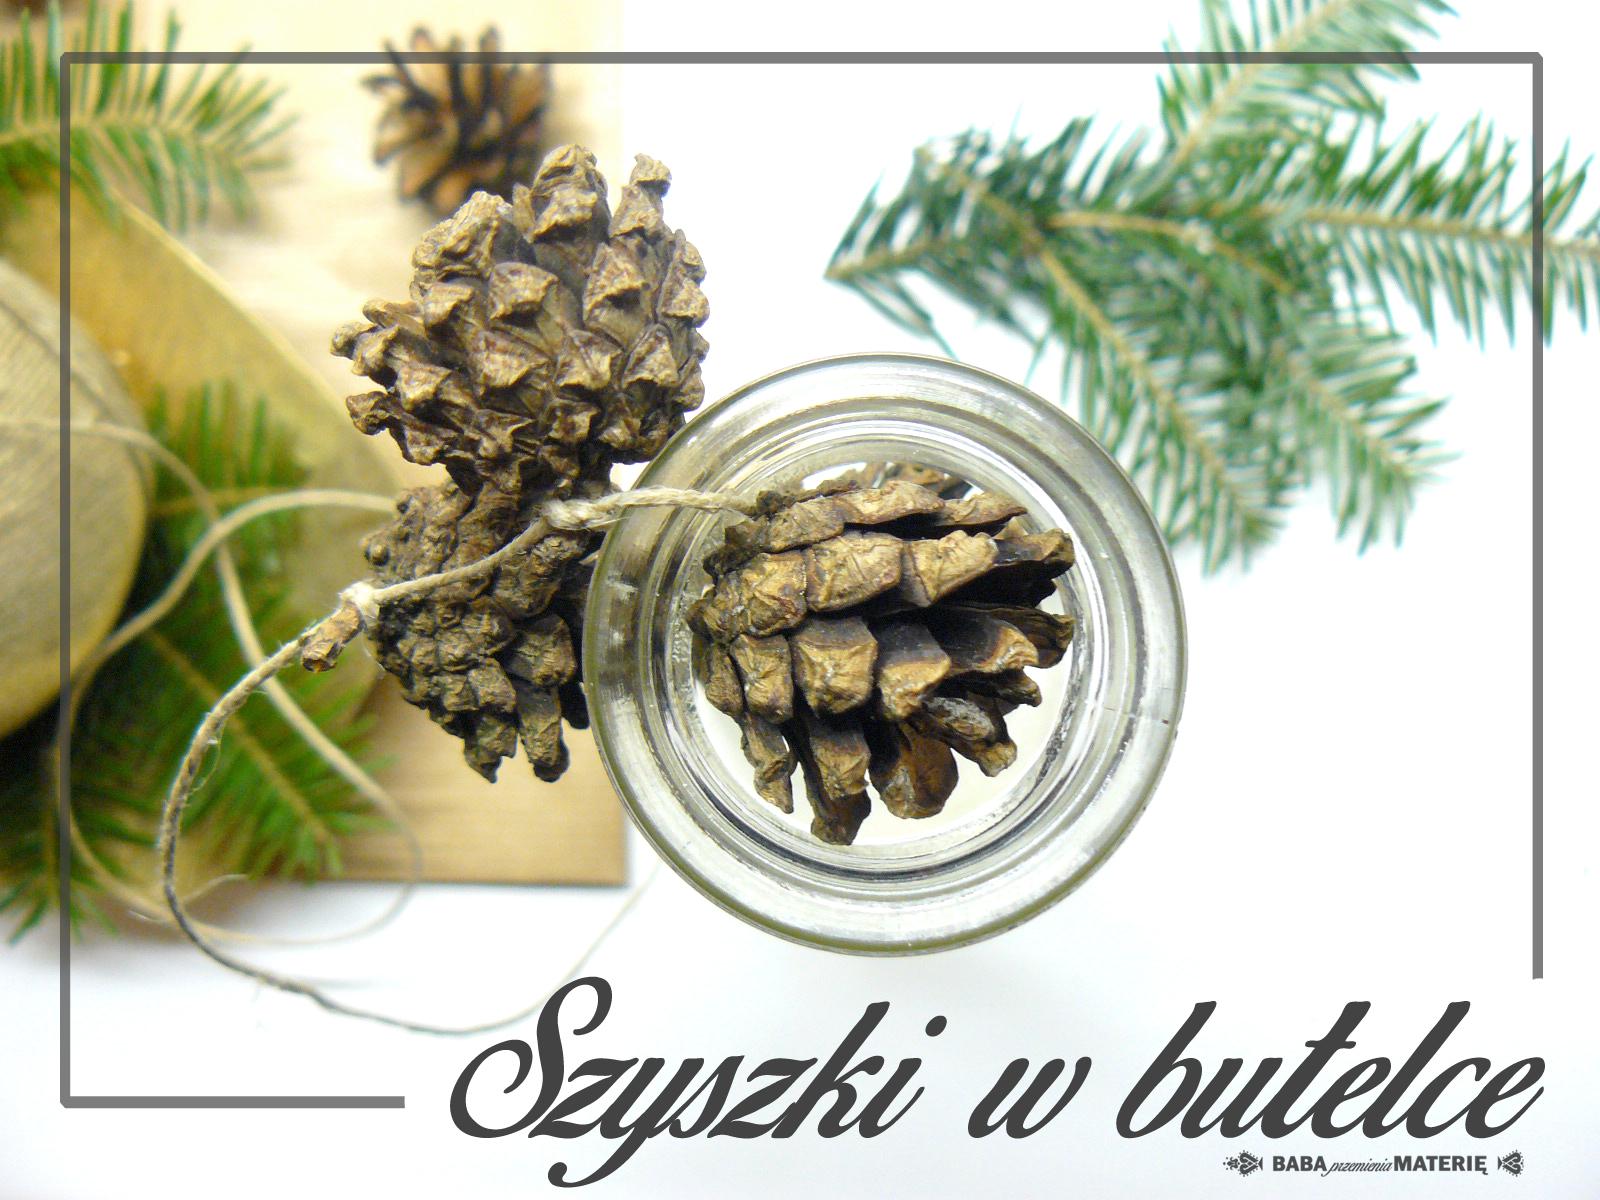 http://babaprzemieniamaterie.blogspot.com/2015/11/diy-dekoracje-szyszki-w-butelce.html#more